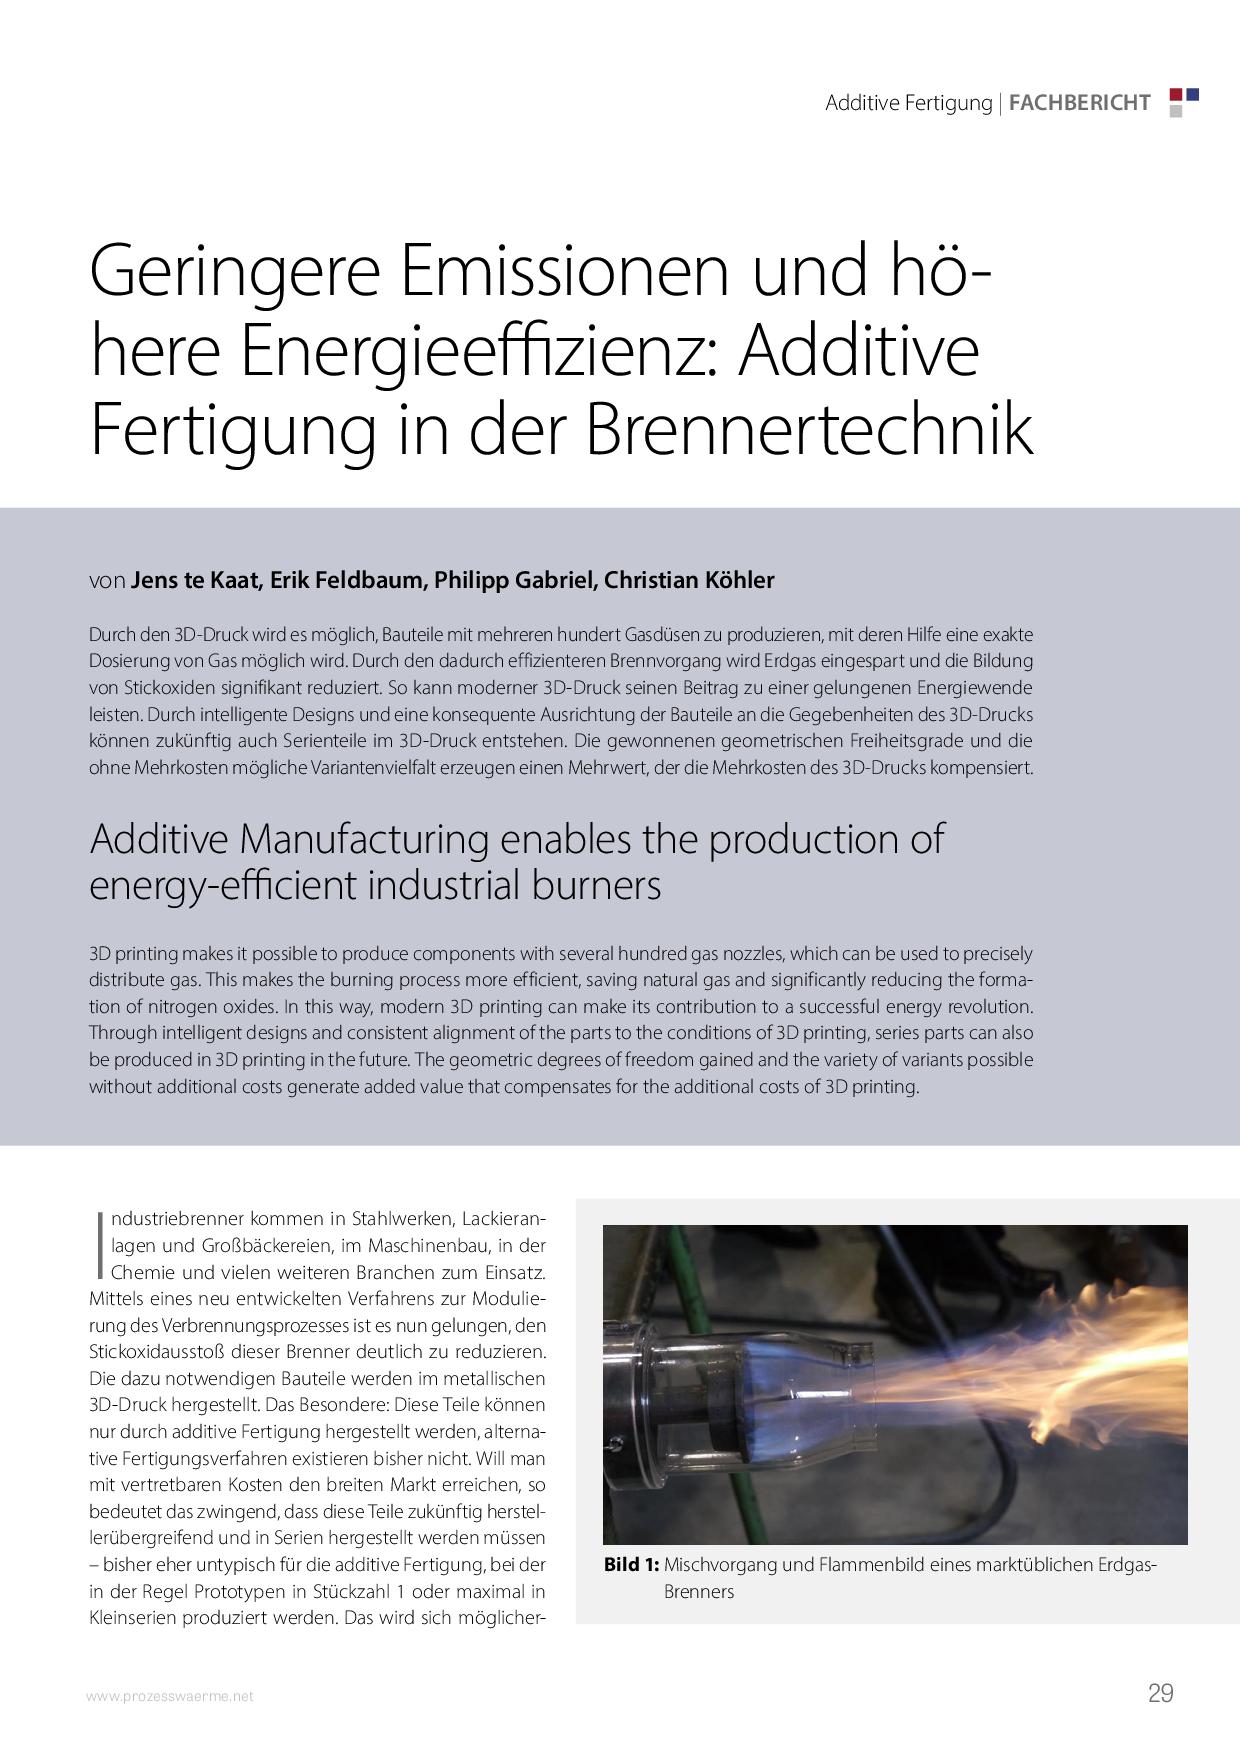 Geringere Emissionen und höhere Energieeffizienz: Additive Fertigung in der Brennertechnik